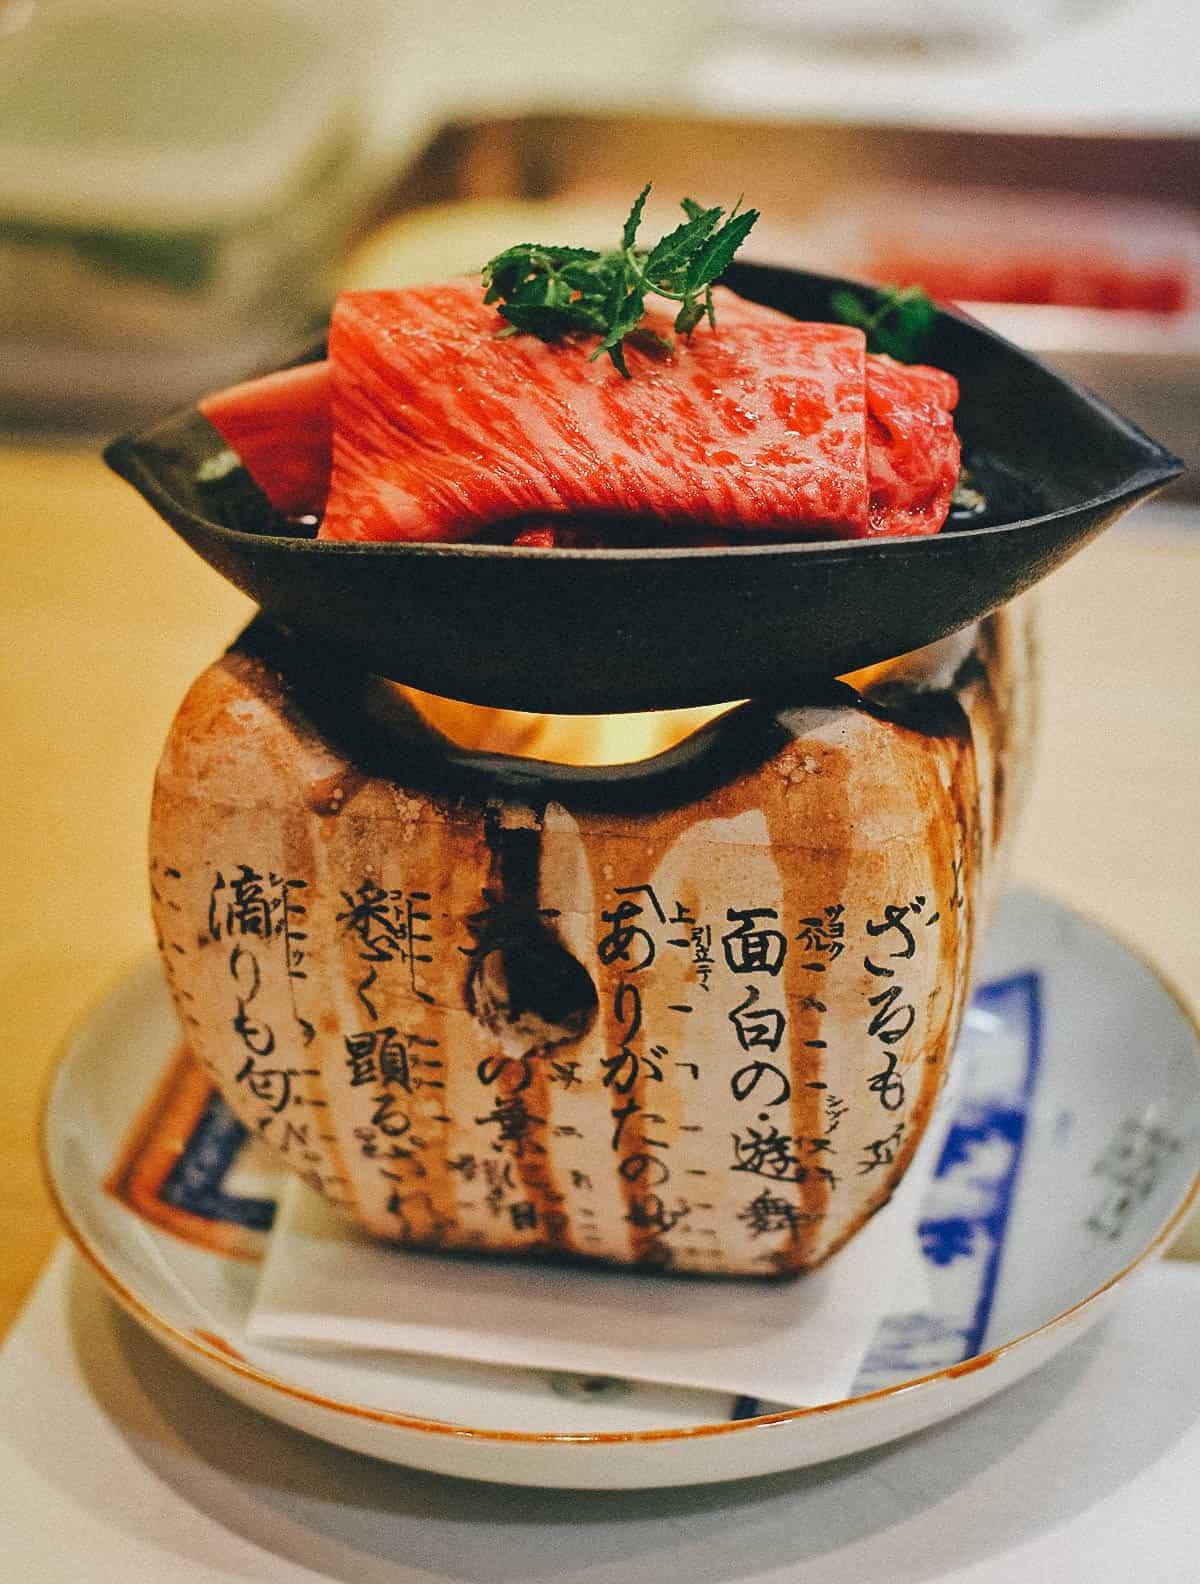 Saga beef at Iroha